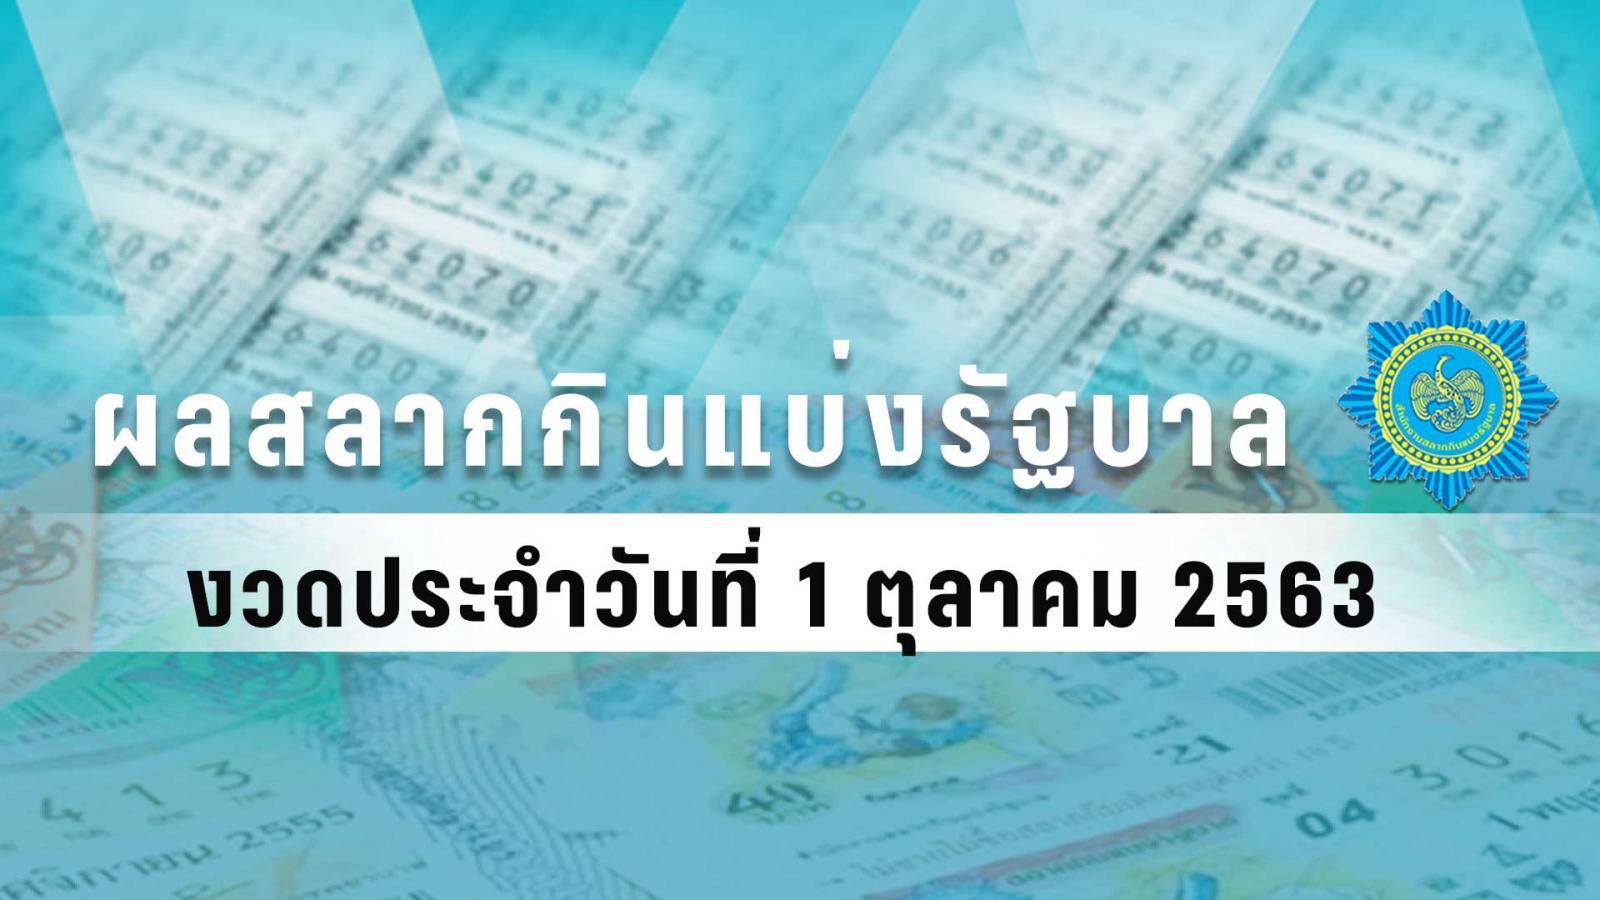 ตรวจหวย - ผลสลากกินแบ่งรัฐบาล งวดวันที่ 1 ตุลาคม 2563